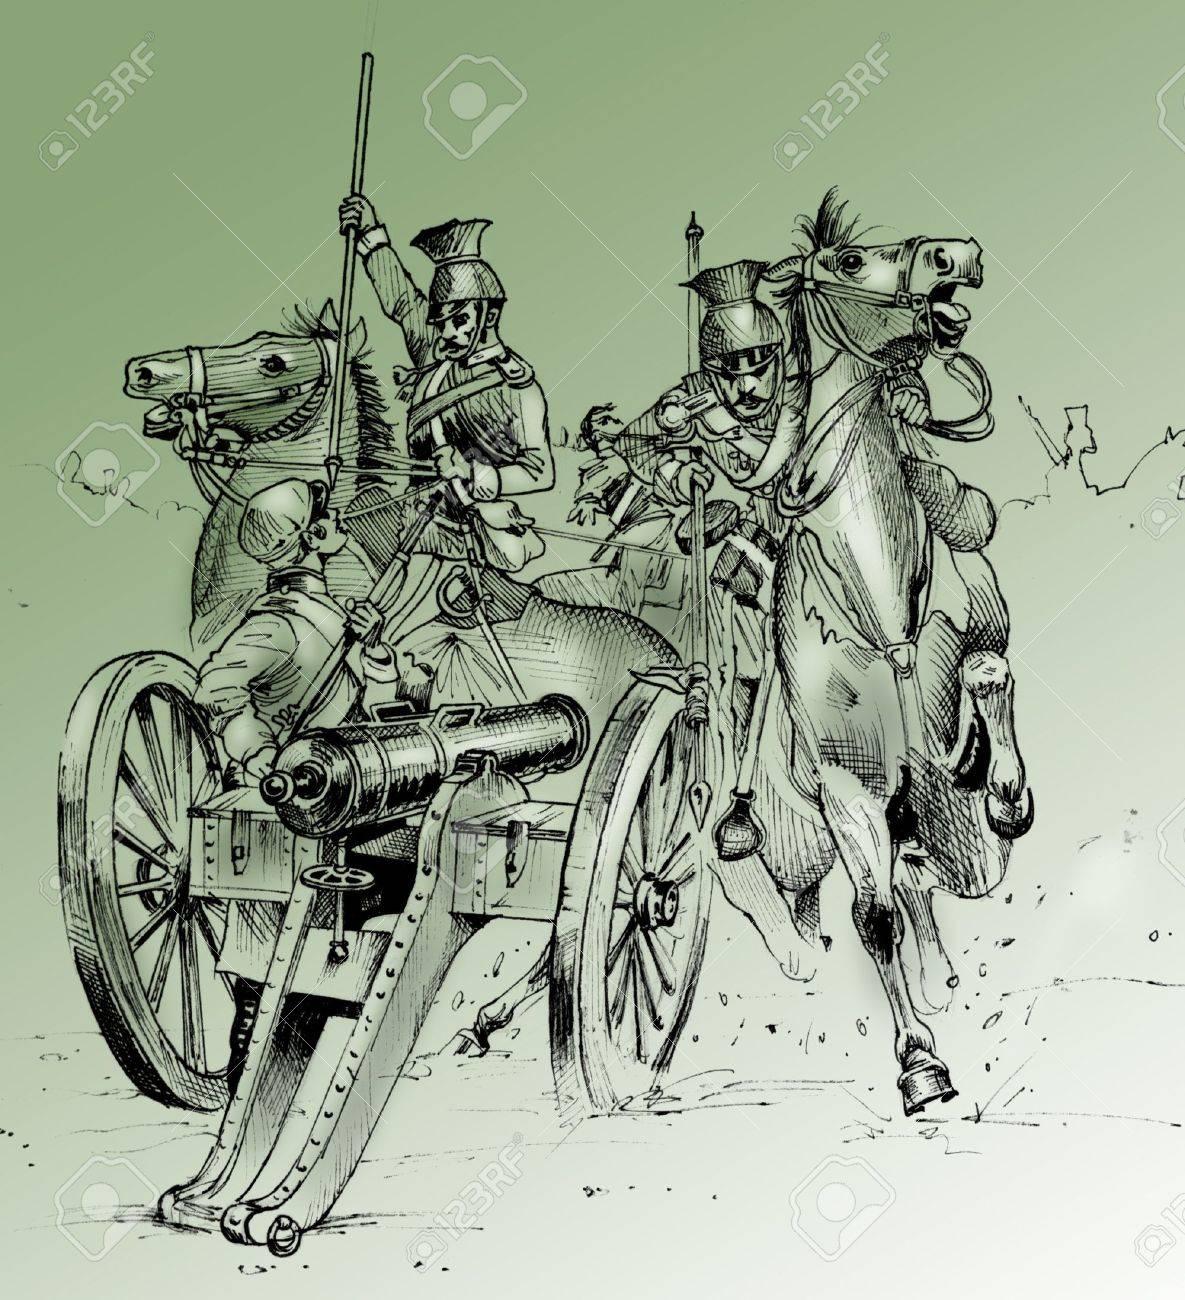 手はクリミア戦争 (1853年-1856 年) から戦闘シーンのイラストを描かれ ...